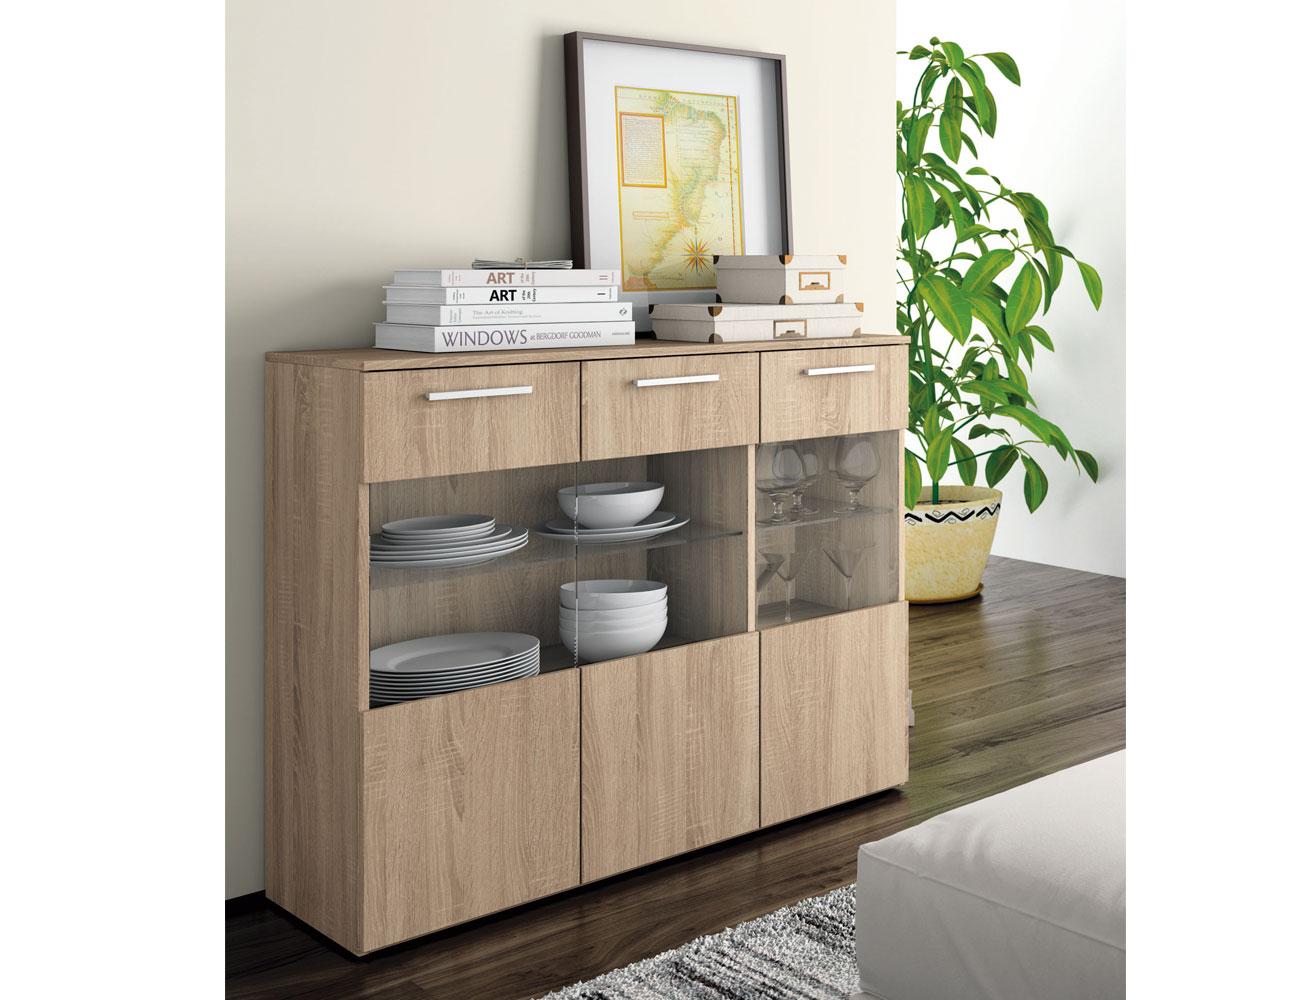 Mueble salon moderno aparador cambrian 4184